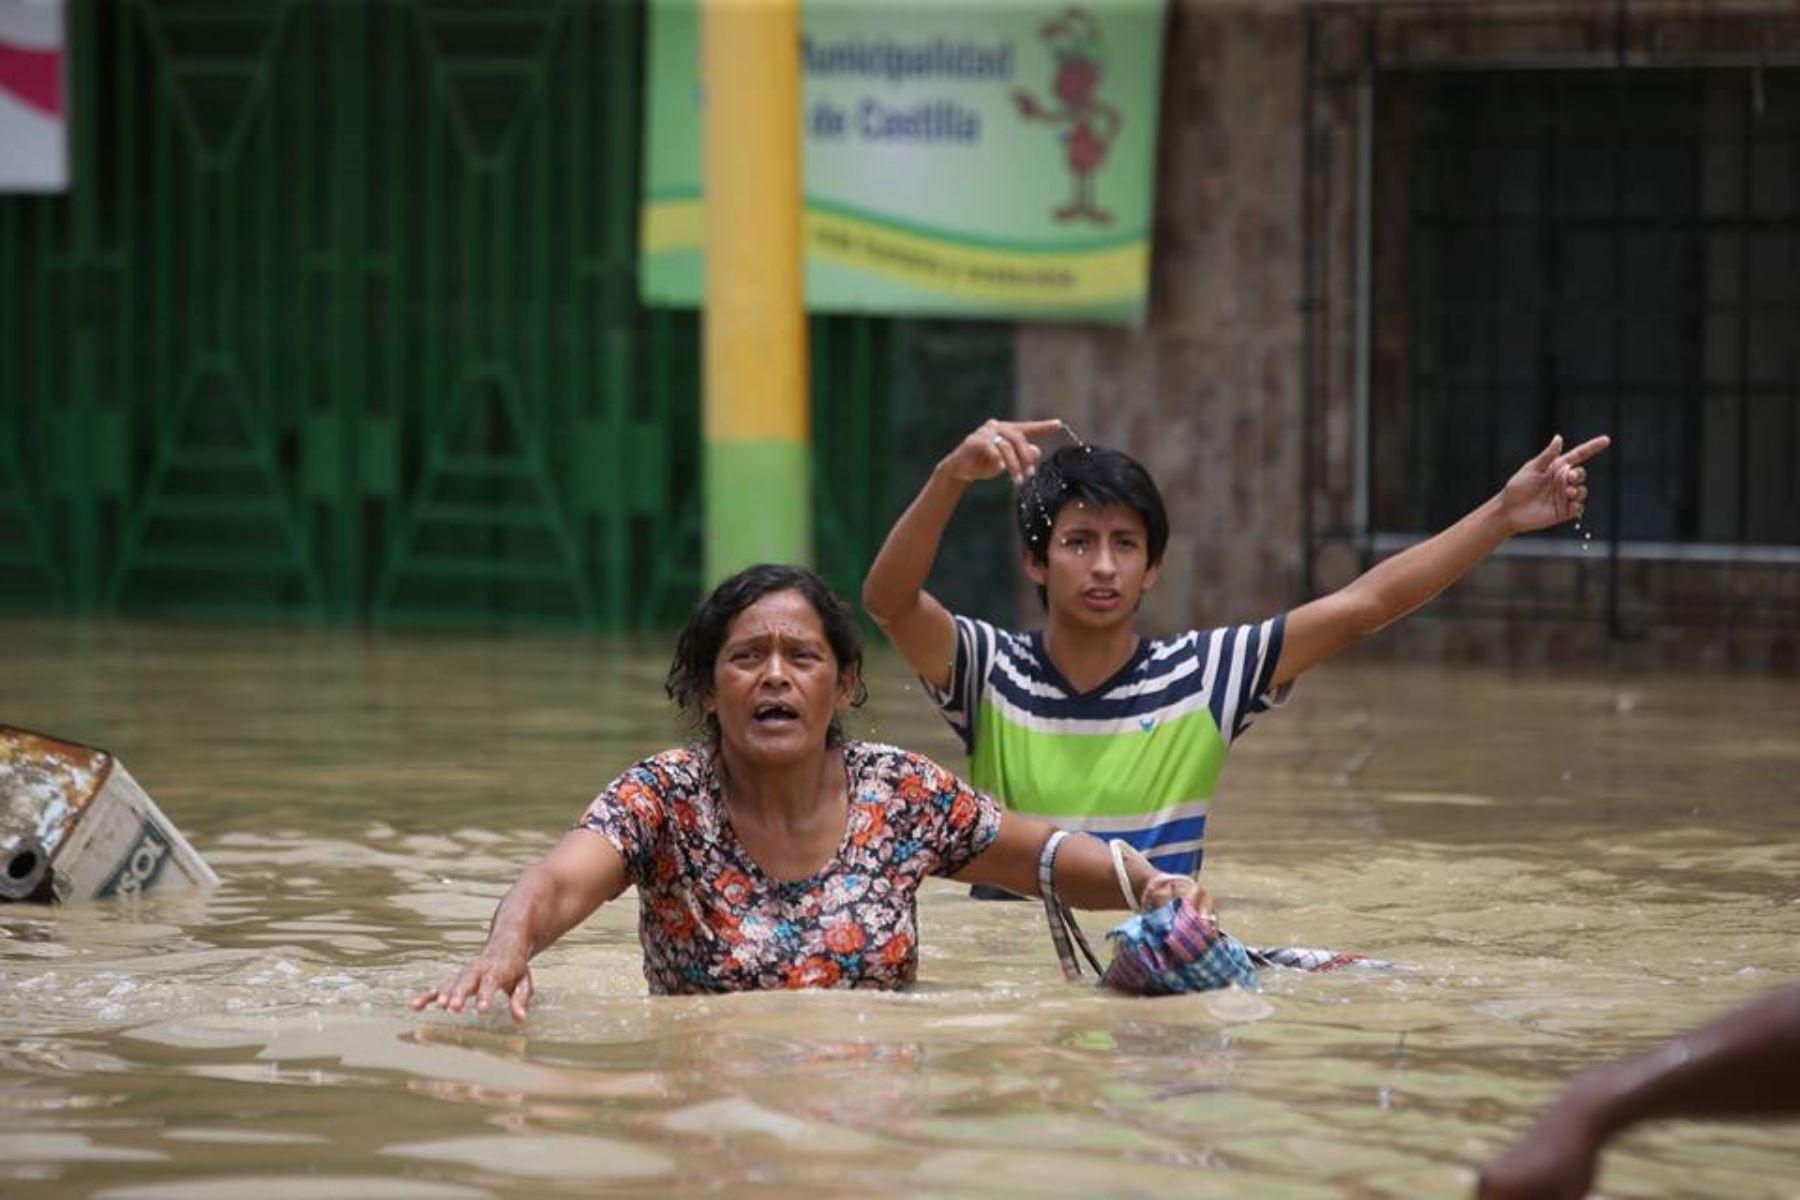 Pobladores afectados por desborde del río Piura en el distrito de Castilla, se trasladan por las calles inundadas.